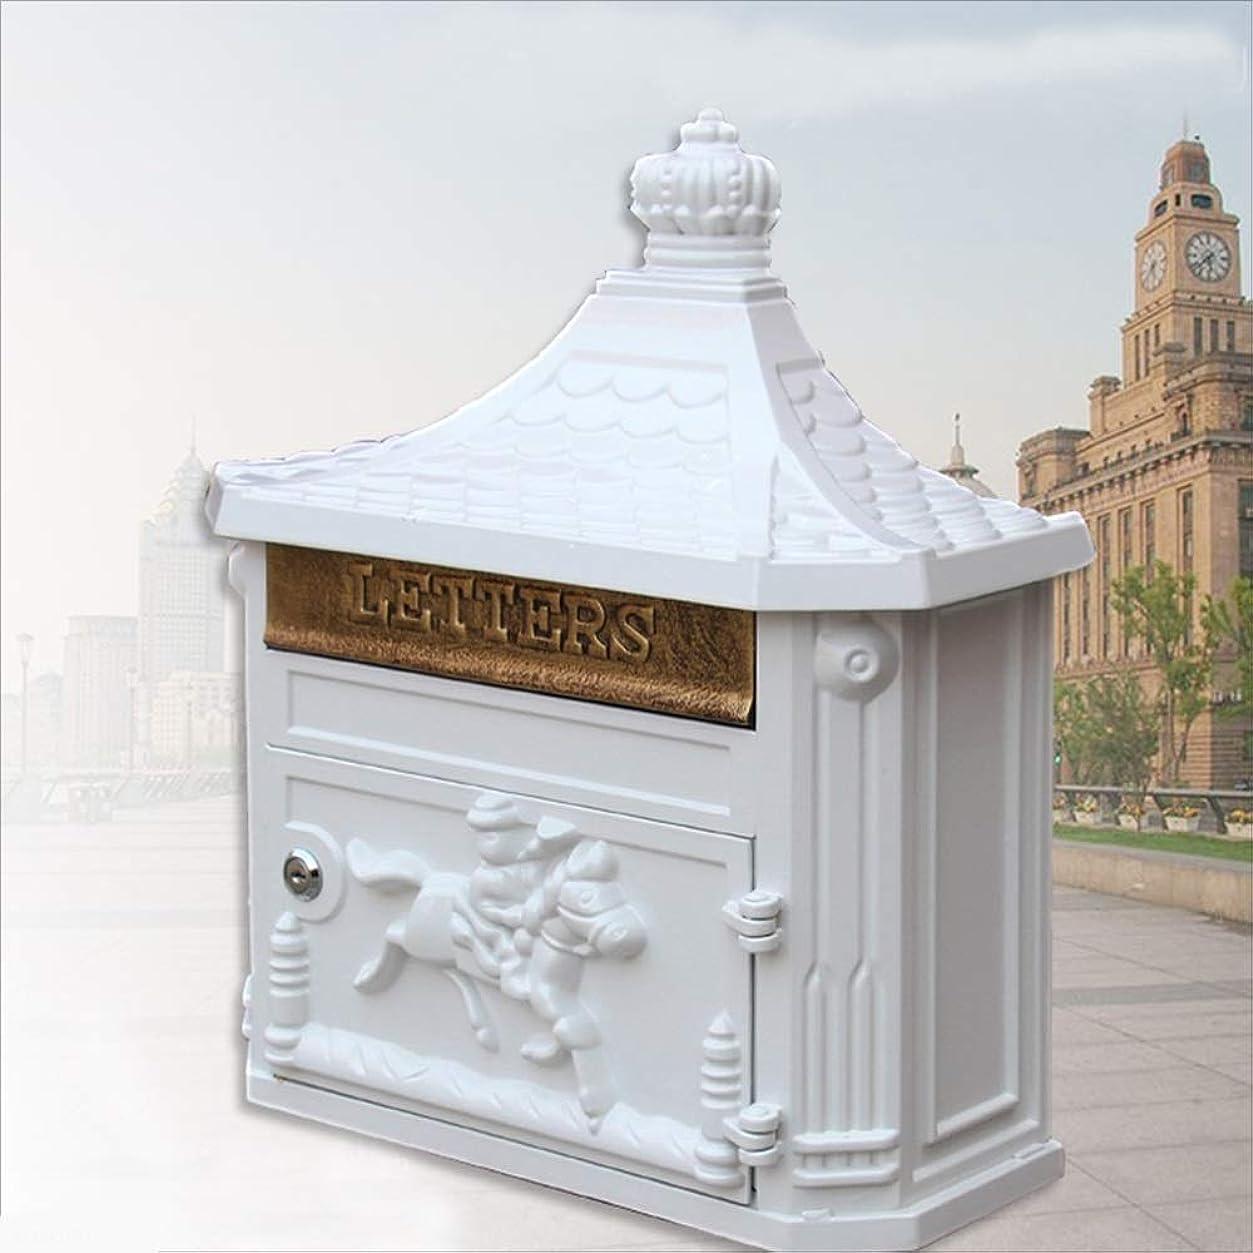 アジア輸送スケジュールメールボックスのロック壁掛け垂直 郵便箱 - 亜鉛メッキシート、レトロ創造的なヨーロッパの家庭の屋外ウォールマウントされた防水とレインフォールレターボックス、ヴィラ、中庭、家庭に適して - 利用可能な4色 (色 : 白)